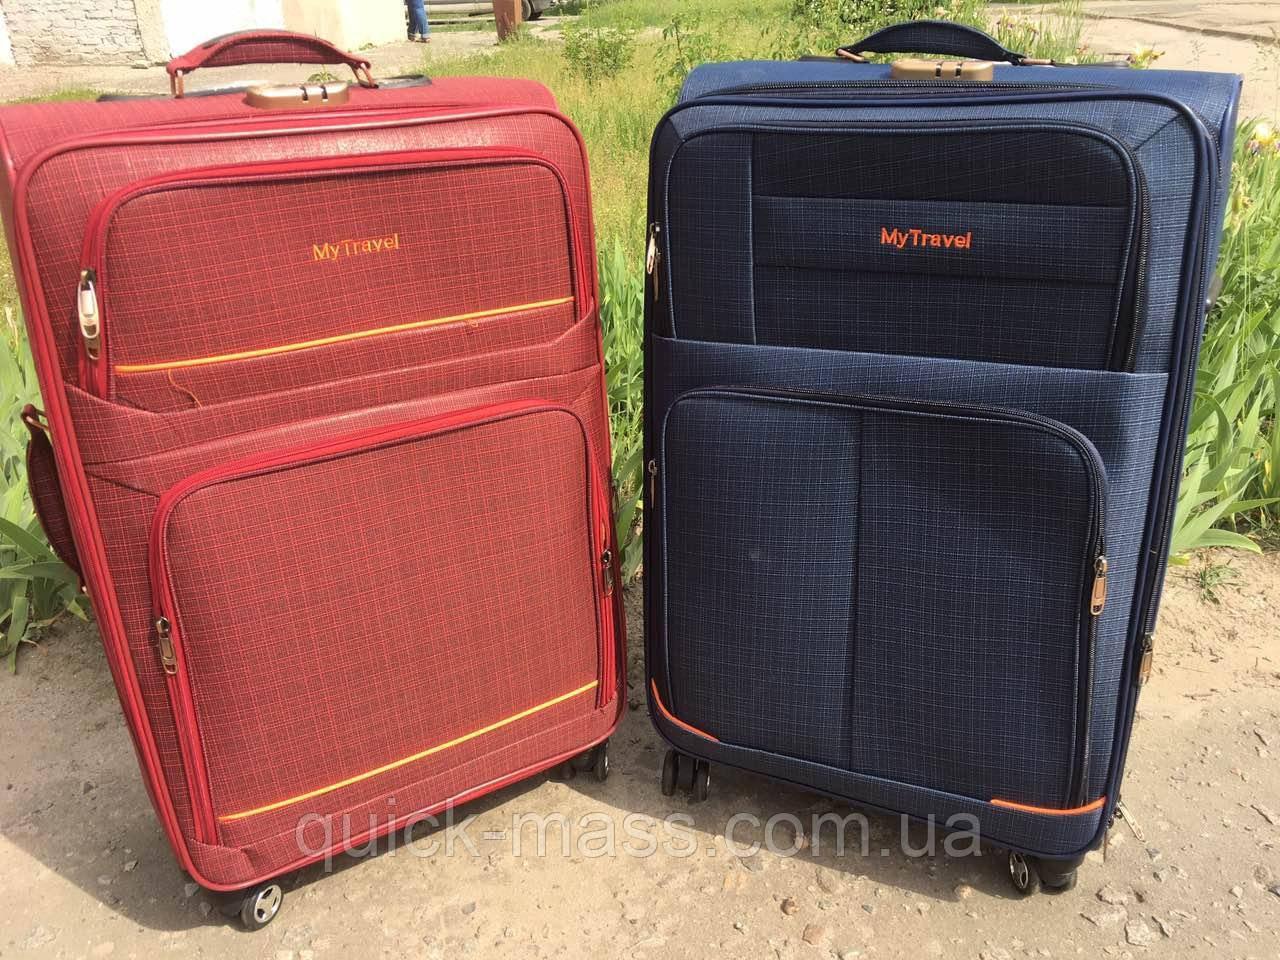 Тканевые Чемоданы на 4 колеса, разных размеров и цветов My travel